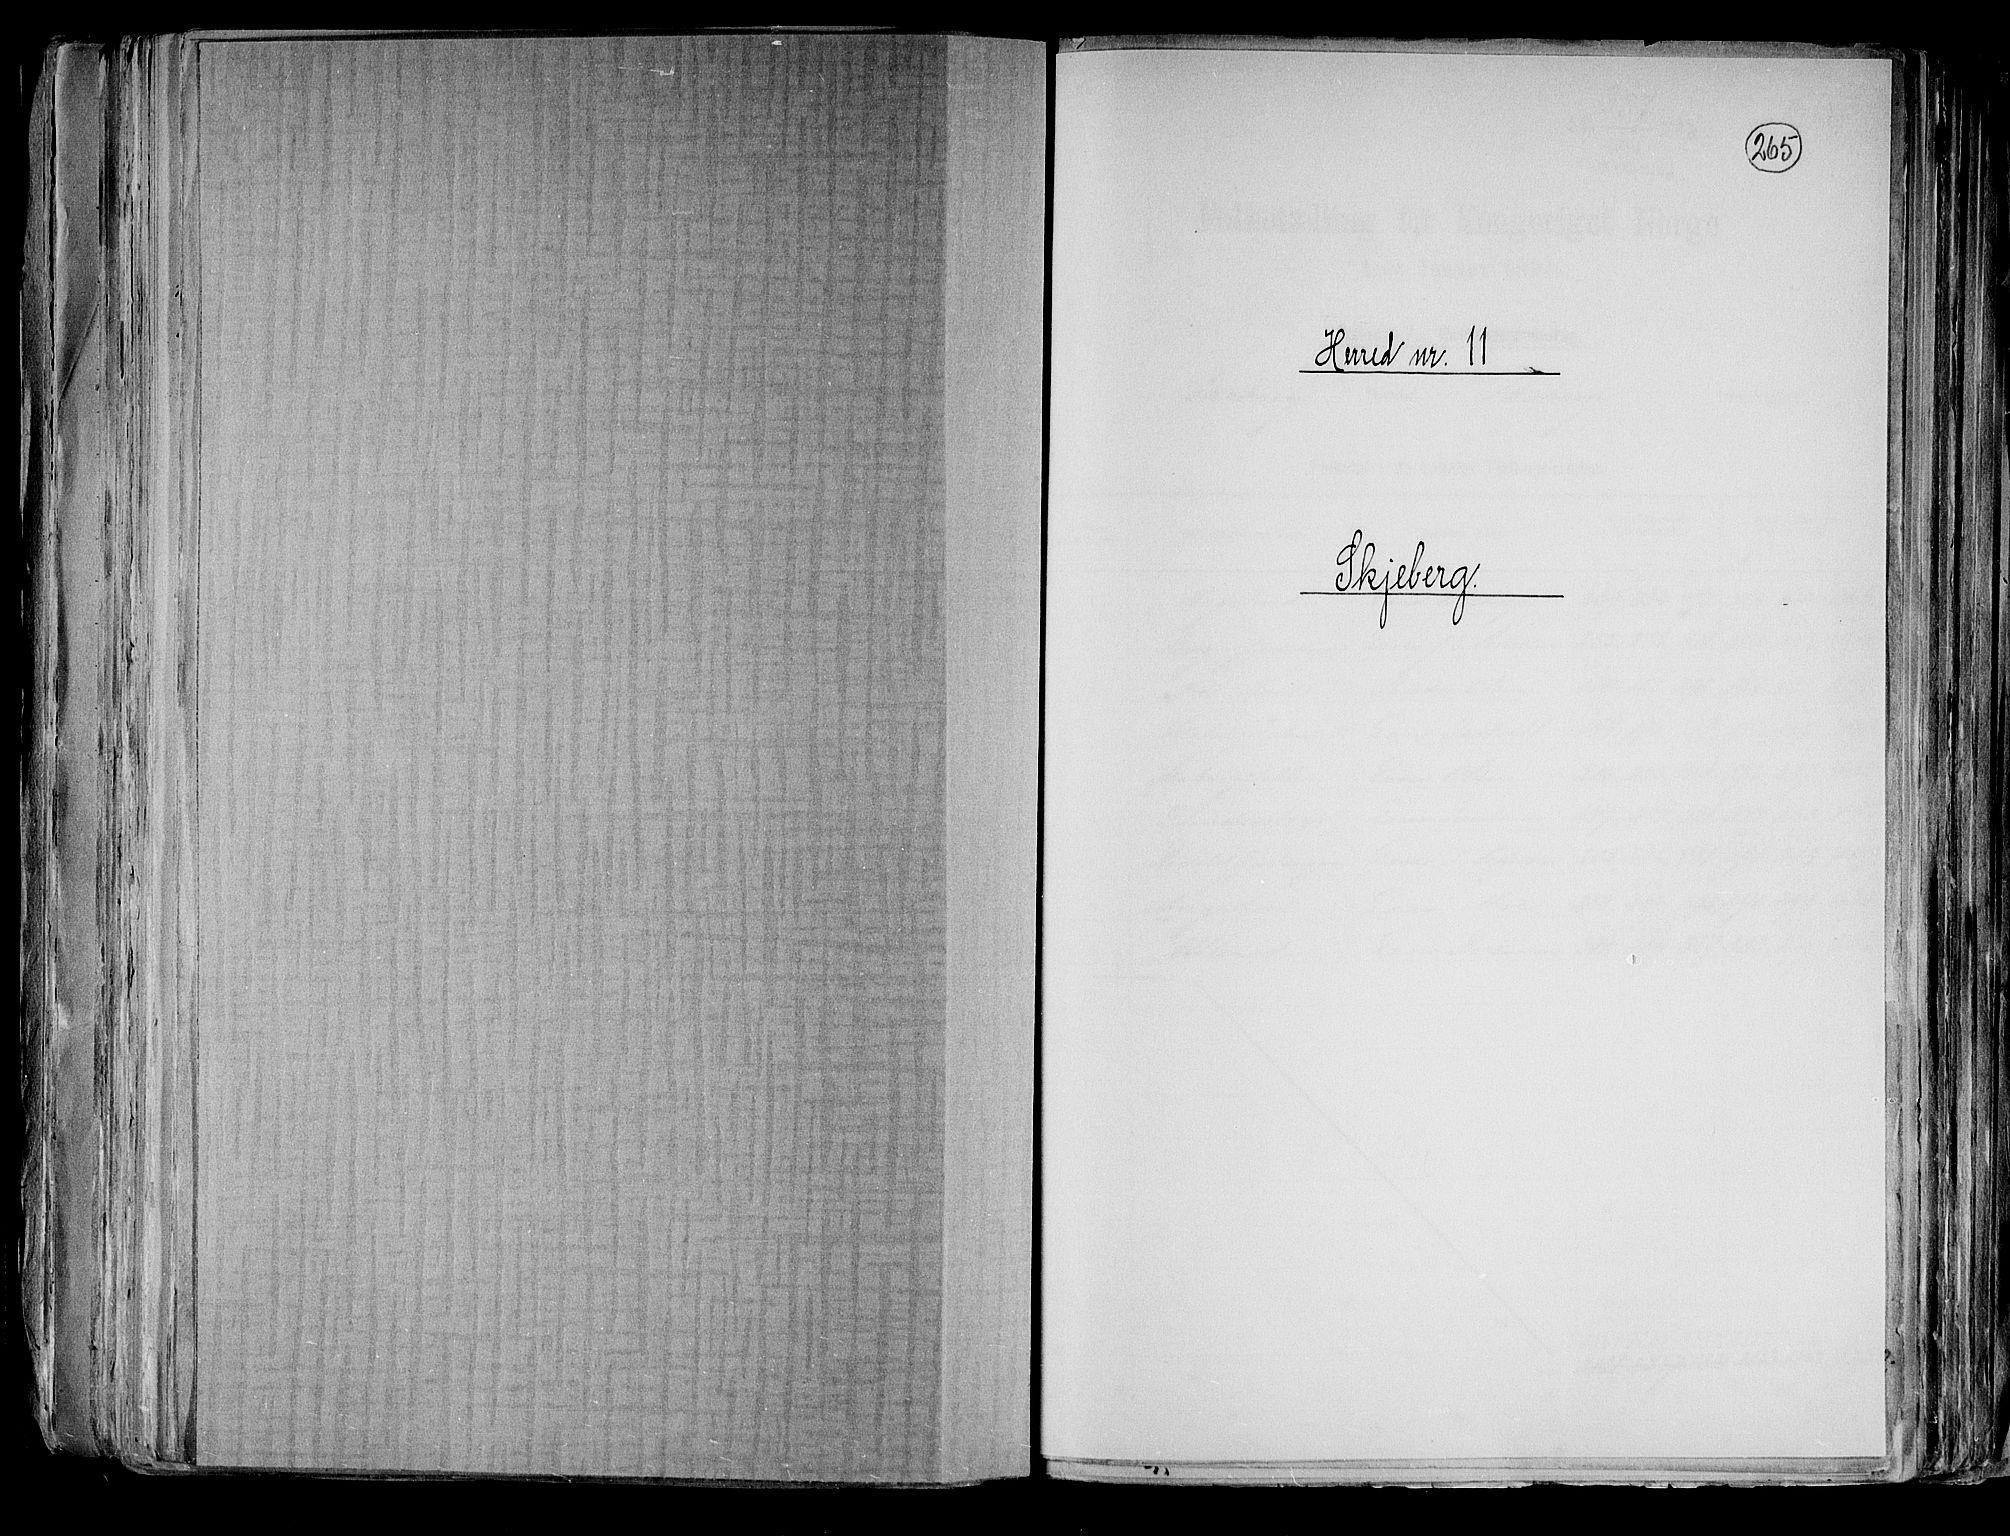 RA, Folketelling 1891 for 0115 Skjeberg herred, 1891, s. 1